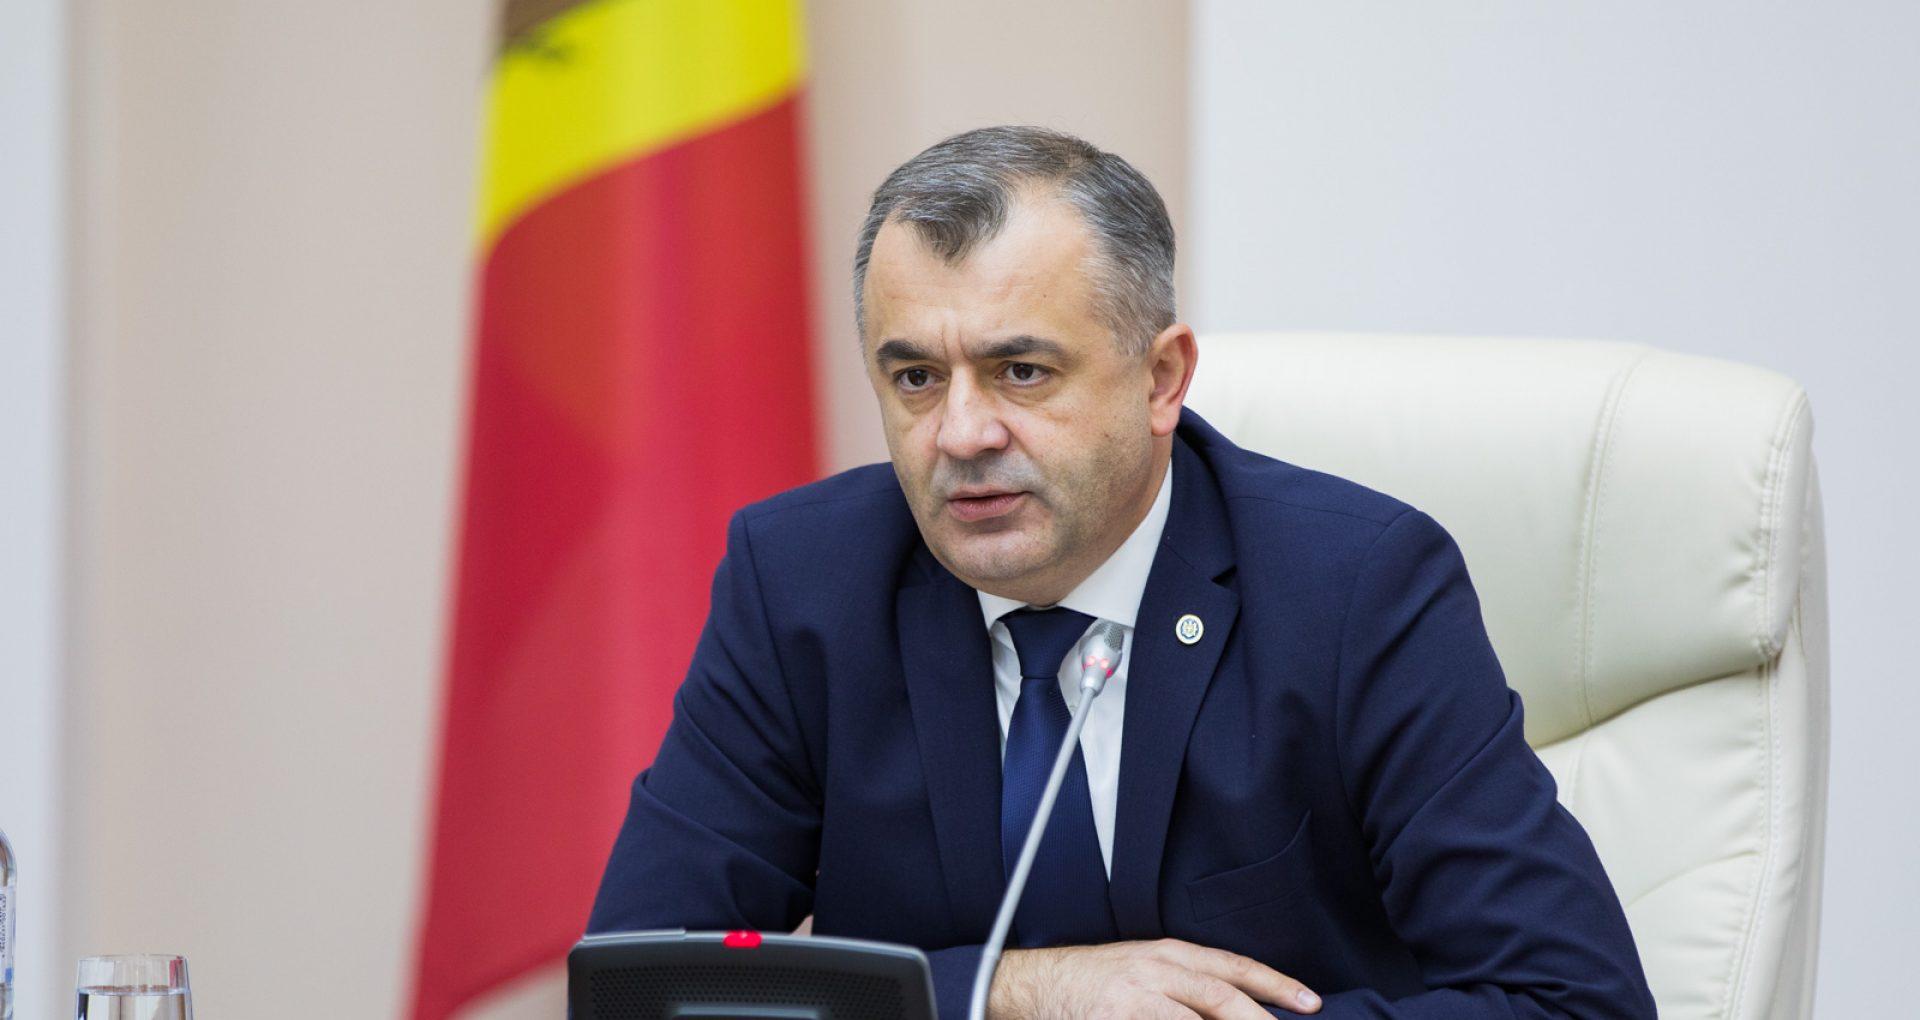 Ce urmează după ce Ion Chicu a anunțat că va asigura interimatul funcției de premier doar până la sfârșitul anului